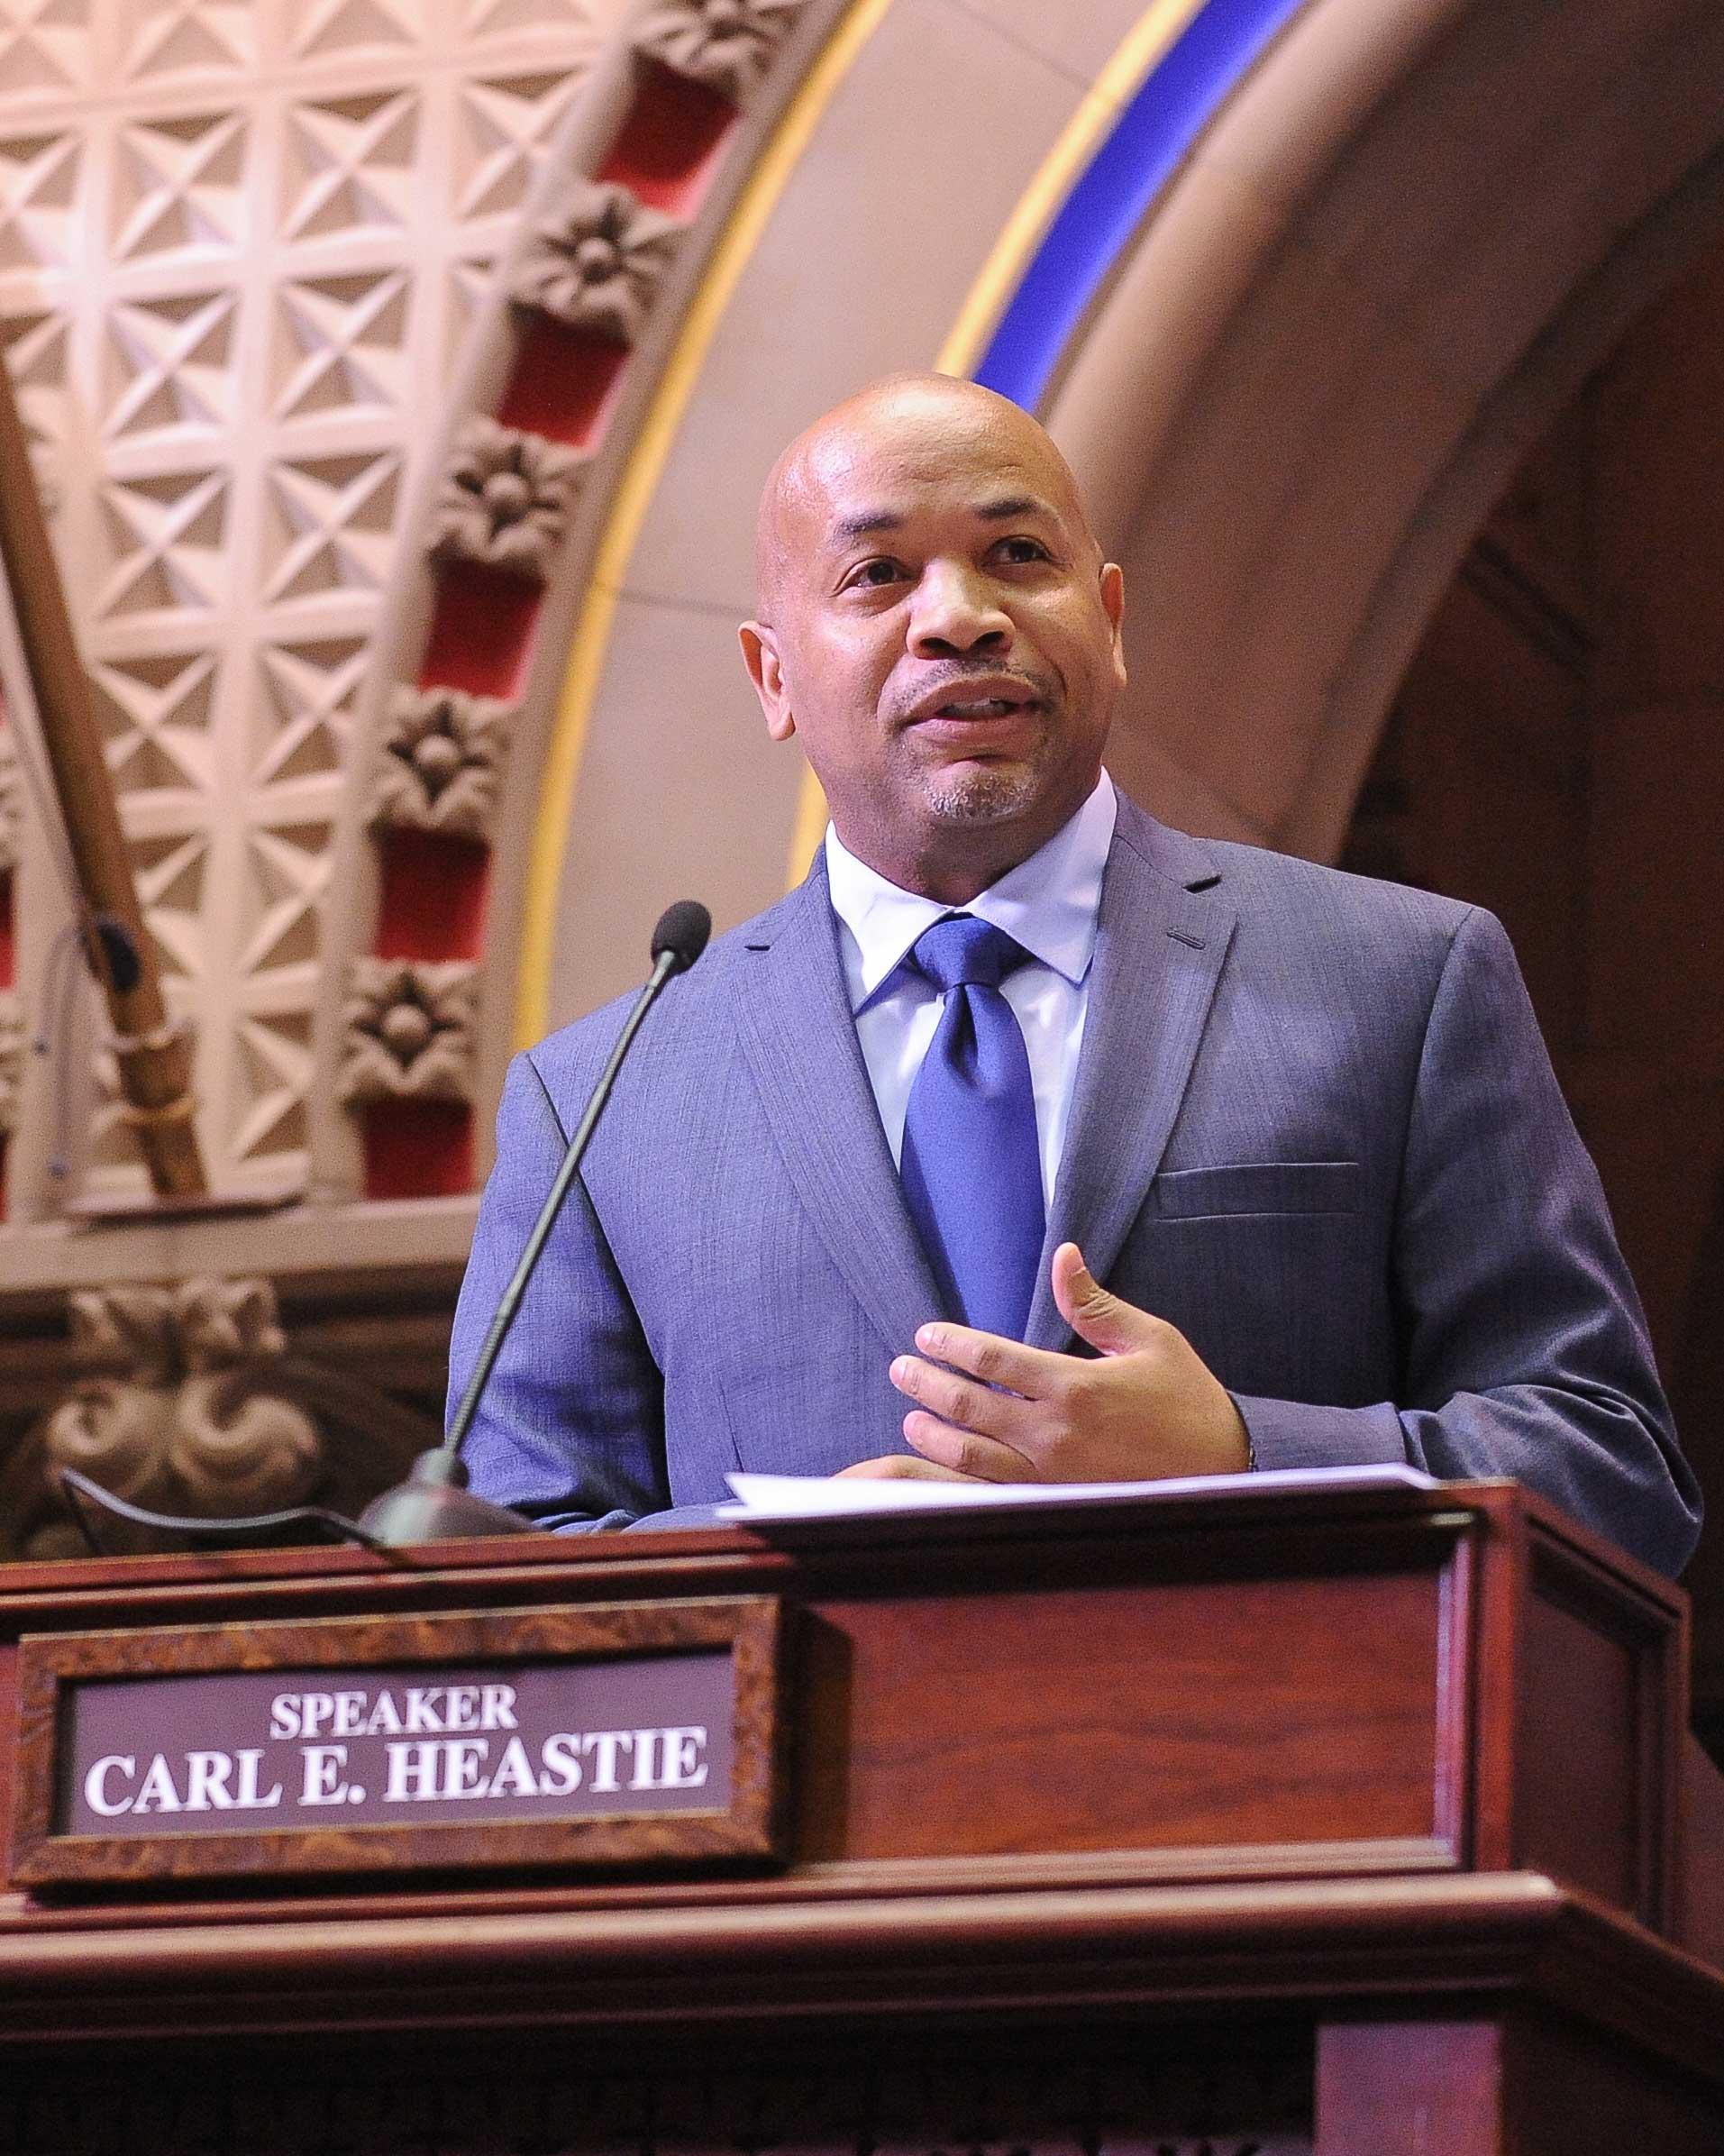 Carl E. Heastie Photo